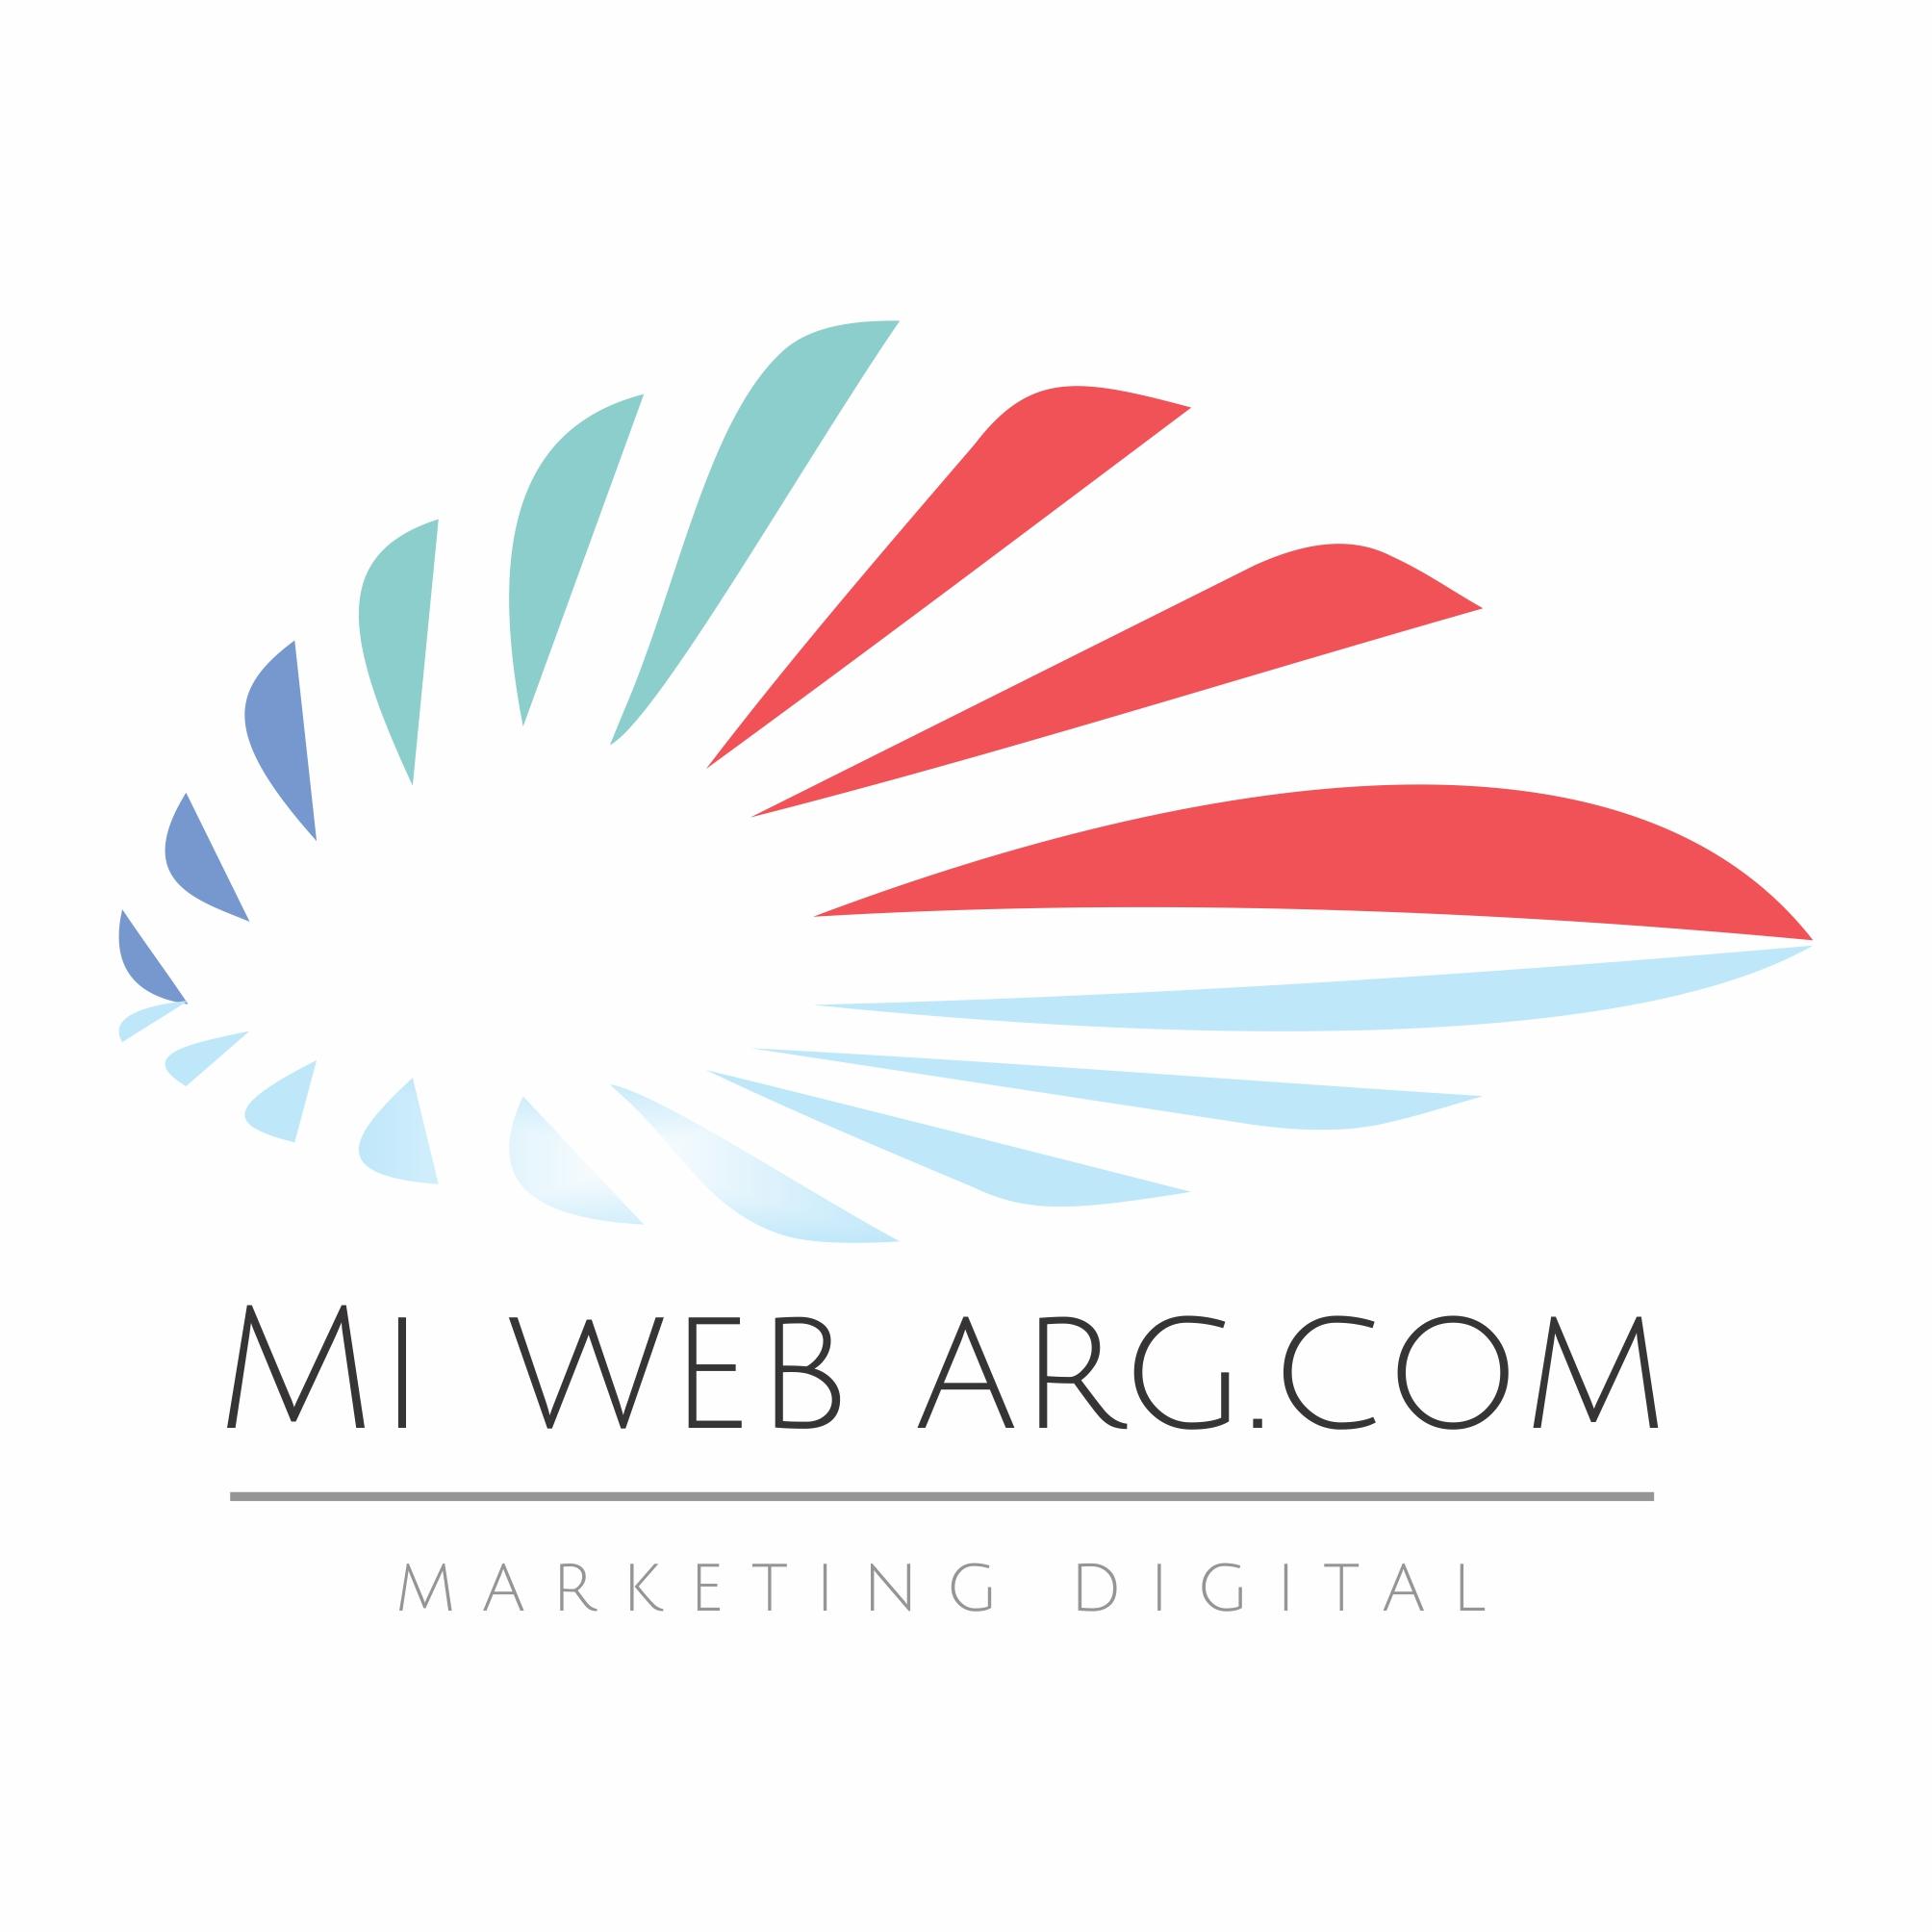 MiWebARG.com